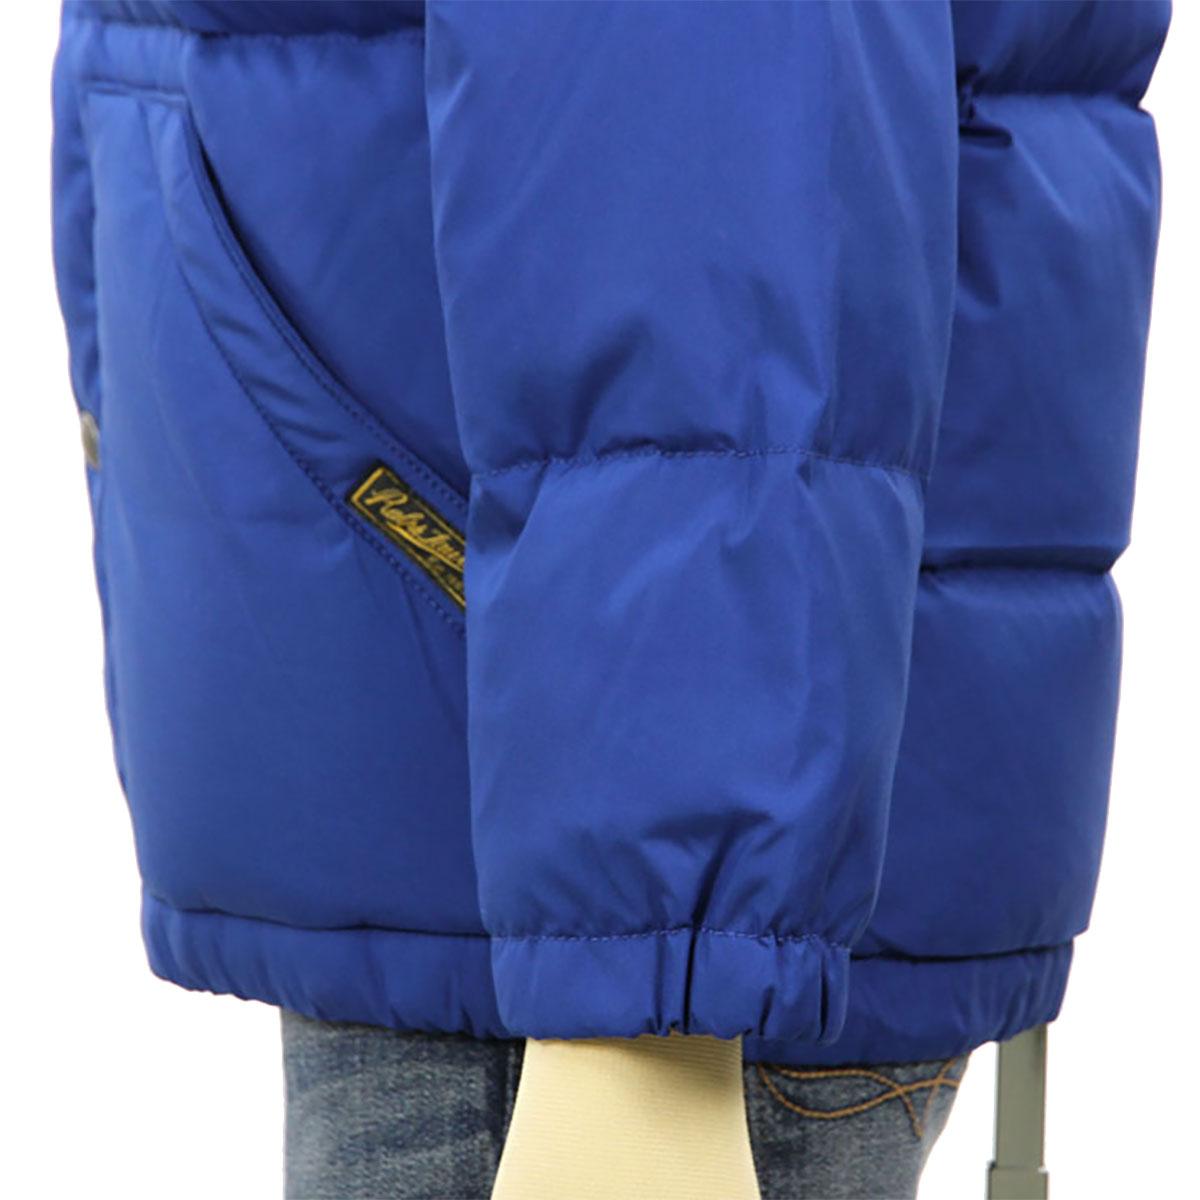 ポロ ラルフローレン キッズ アウター ボーイズ 子供服 正規品 POLO RALPH LAUREN CHILDREN ジャケット ジャケット FLEECE HOOD JACKET D00S20 A63B B5C C1D D4E E07F